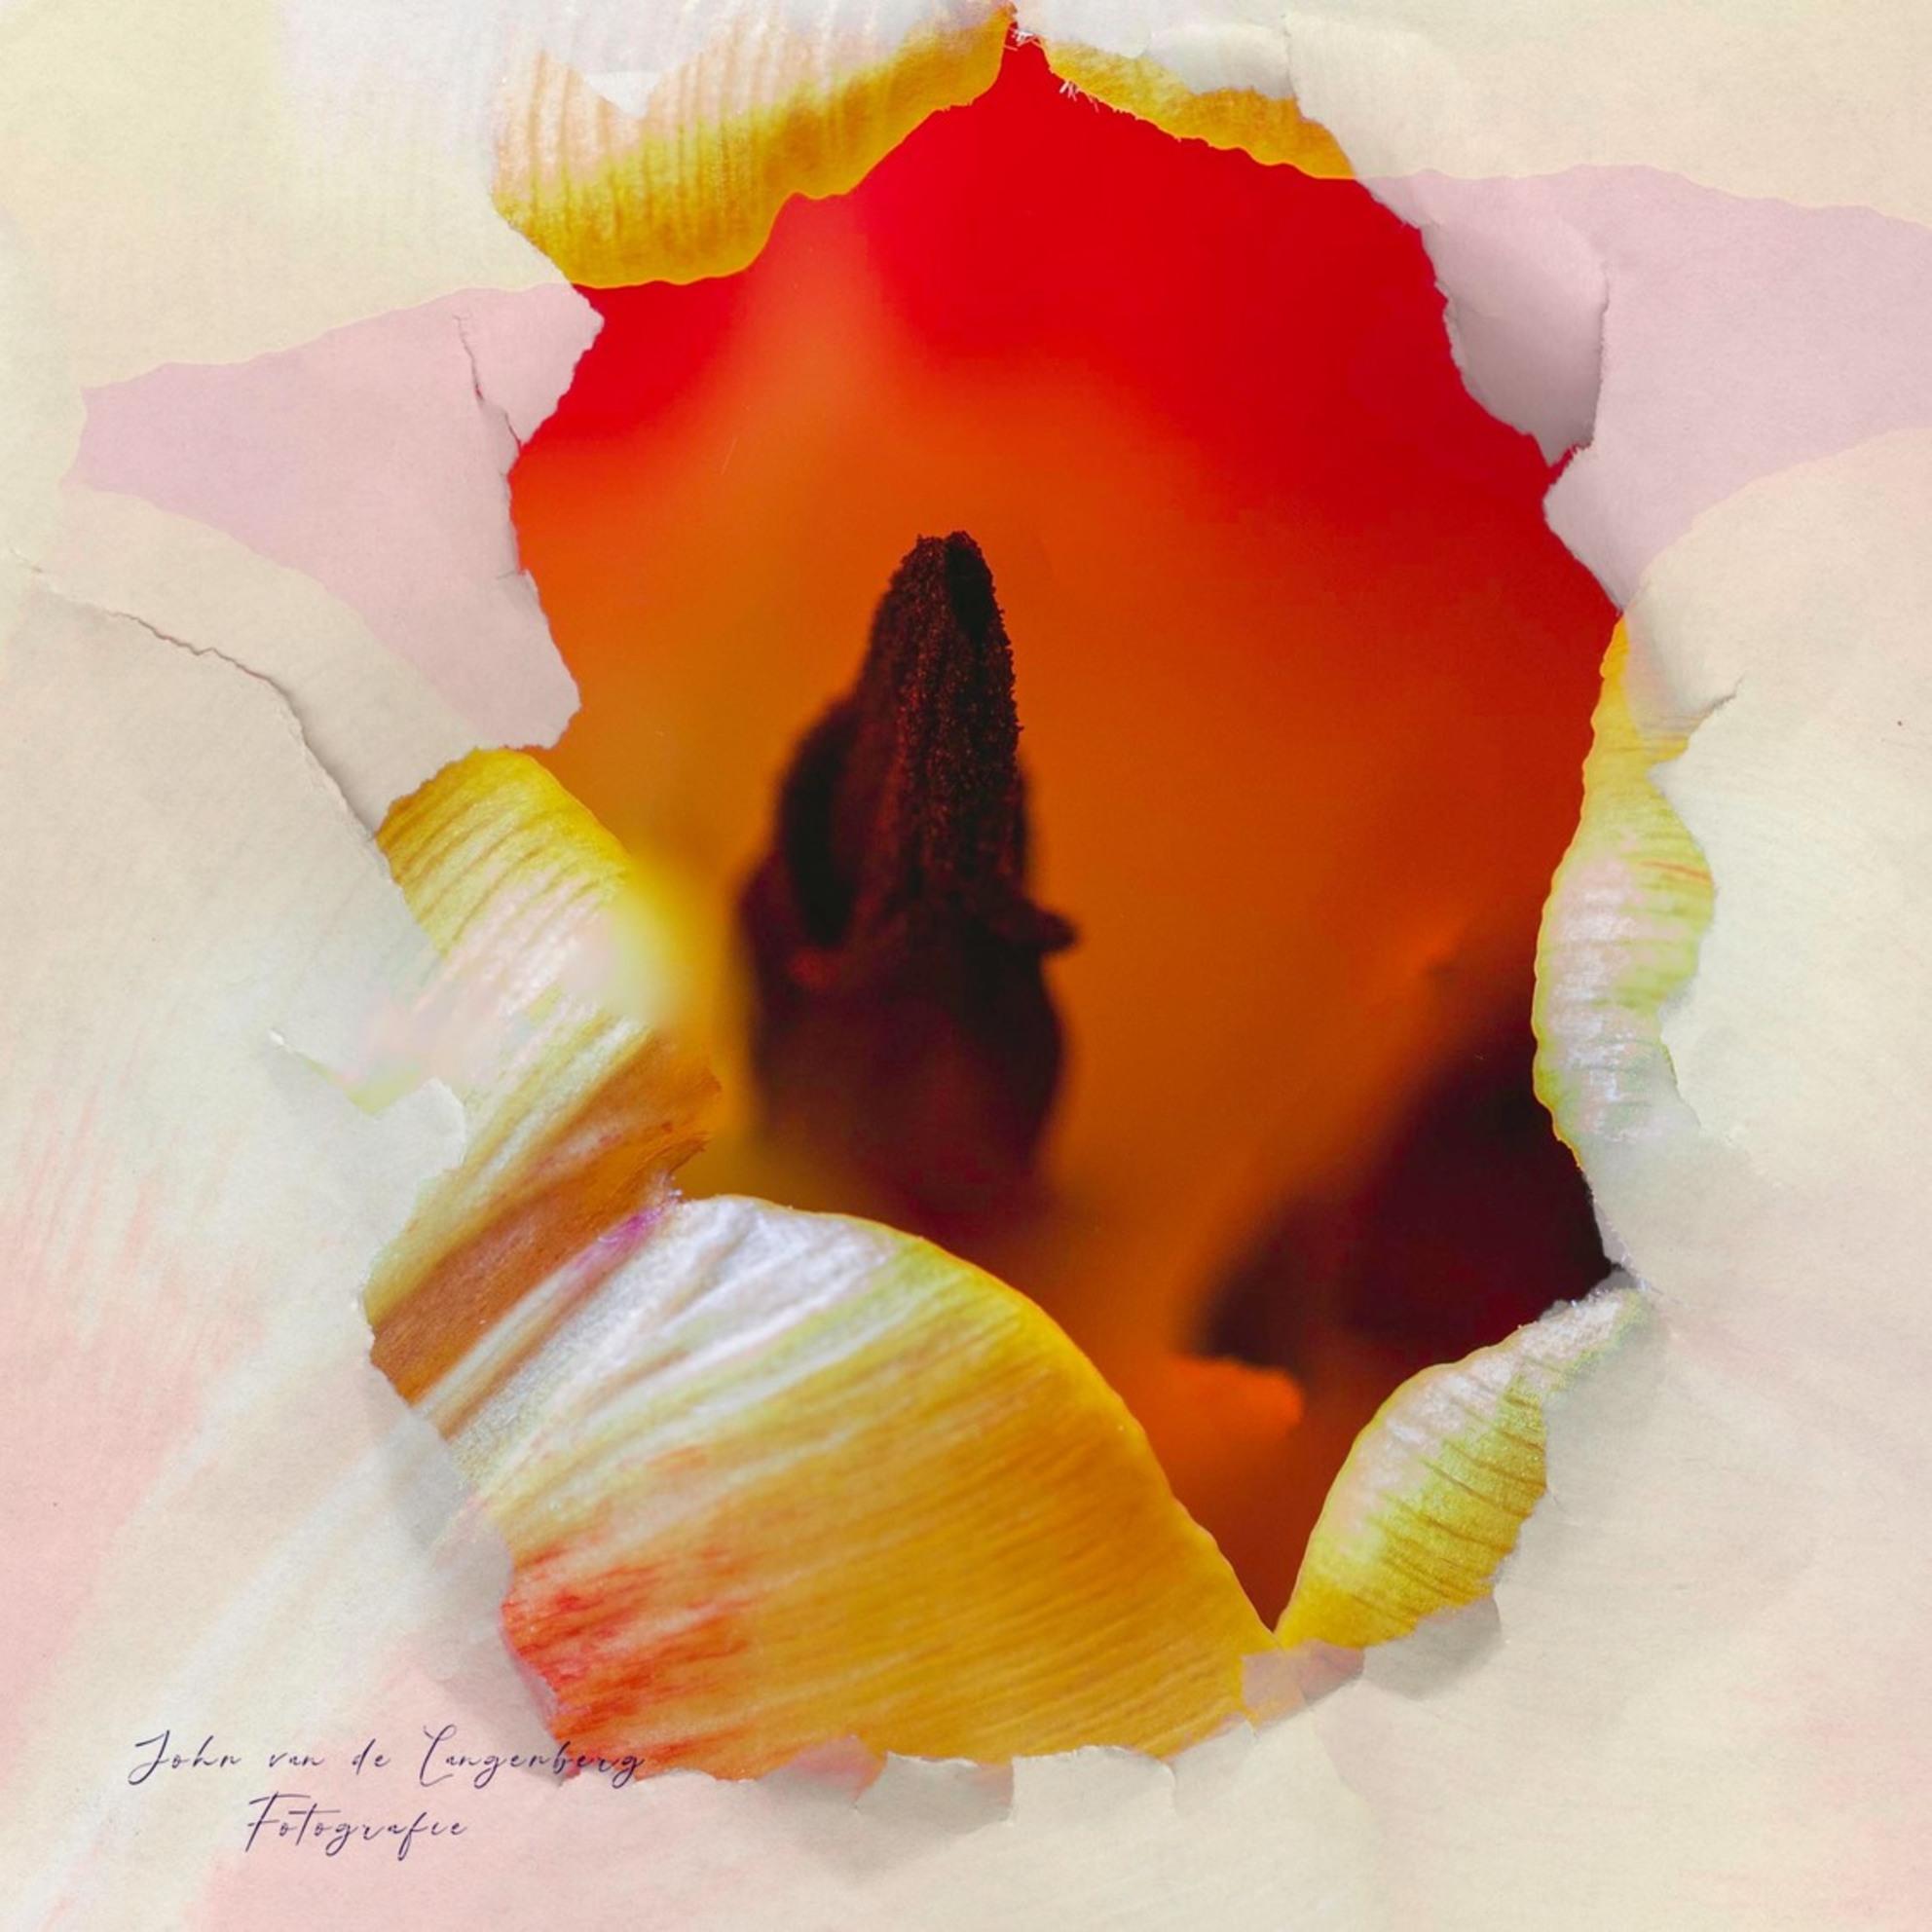 Ingepakt - Feedback op compositie wordt zeer gewaardeerd. - foto door lang op 02-03-2021 - deze foto bevat: groen, rood, macro, bloem, lente, natuur, geel - Deze foto mag gebruikt worden in een Zoom.nl publicatie